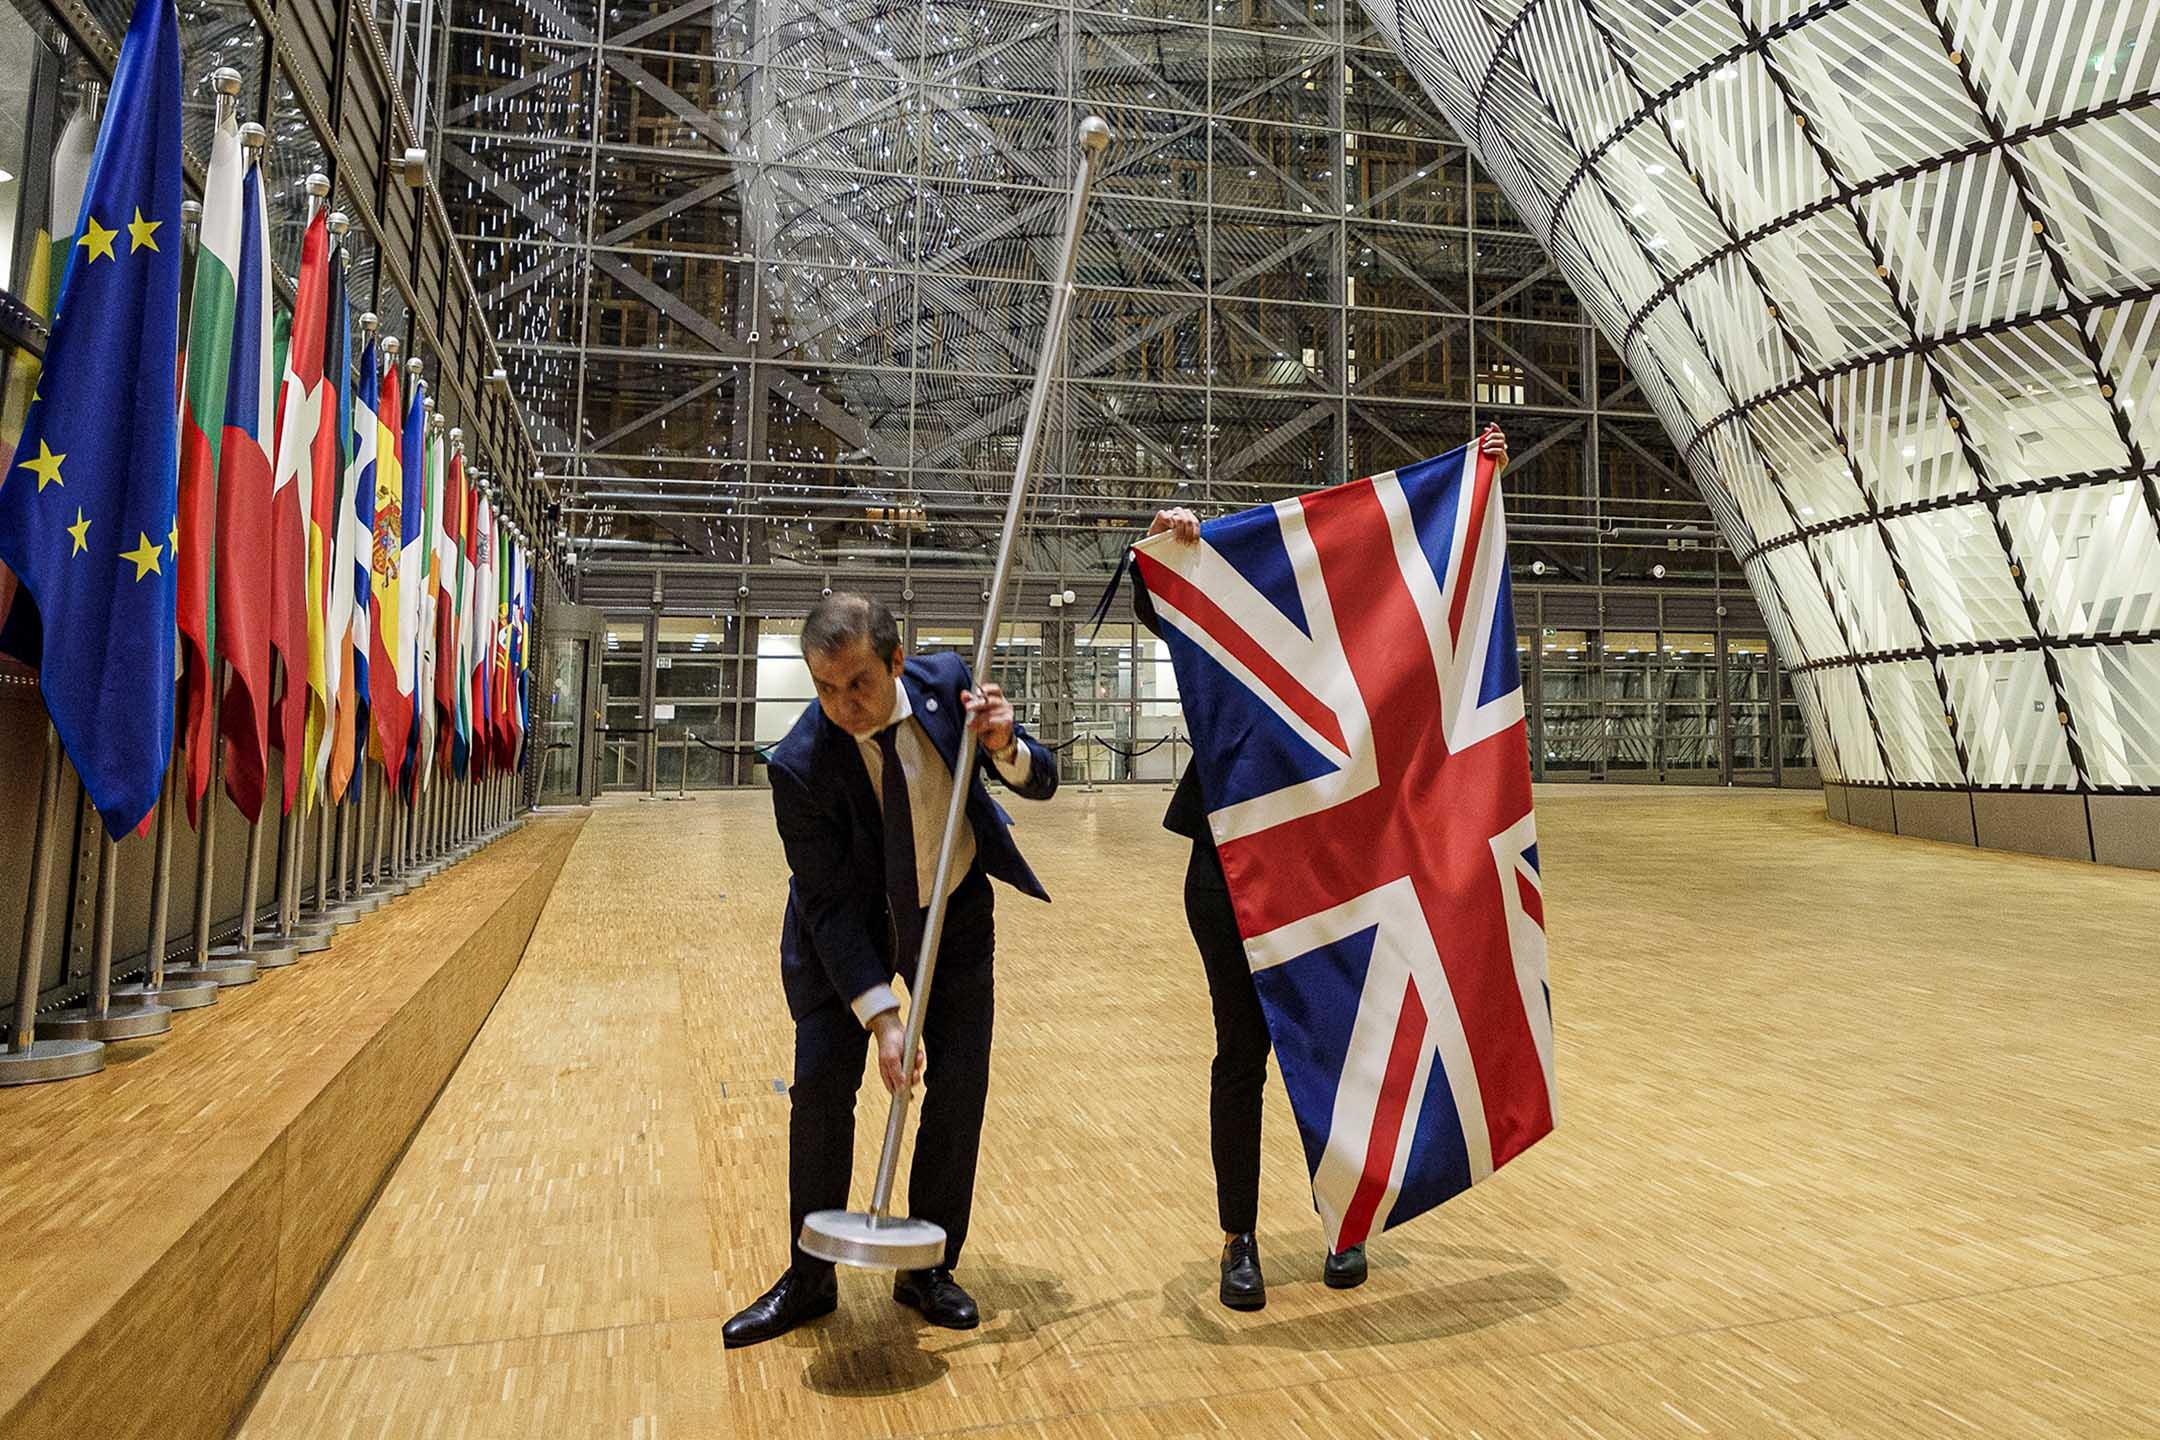 2020年1月31日比利時布魯塞爾,兩名歐盟官員在歐盟總部的中庭去除英國國旗。